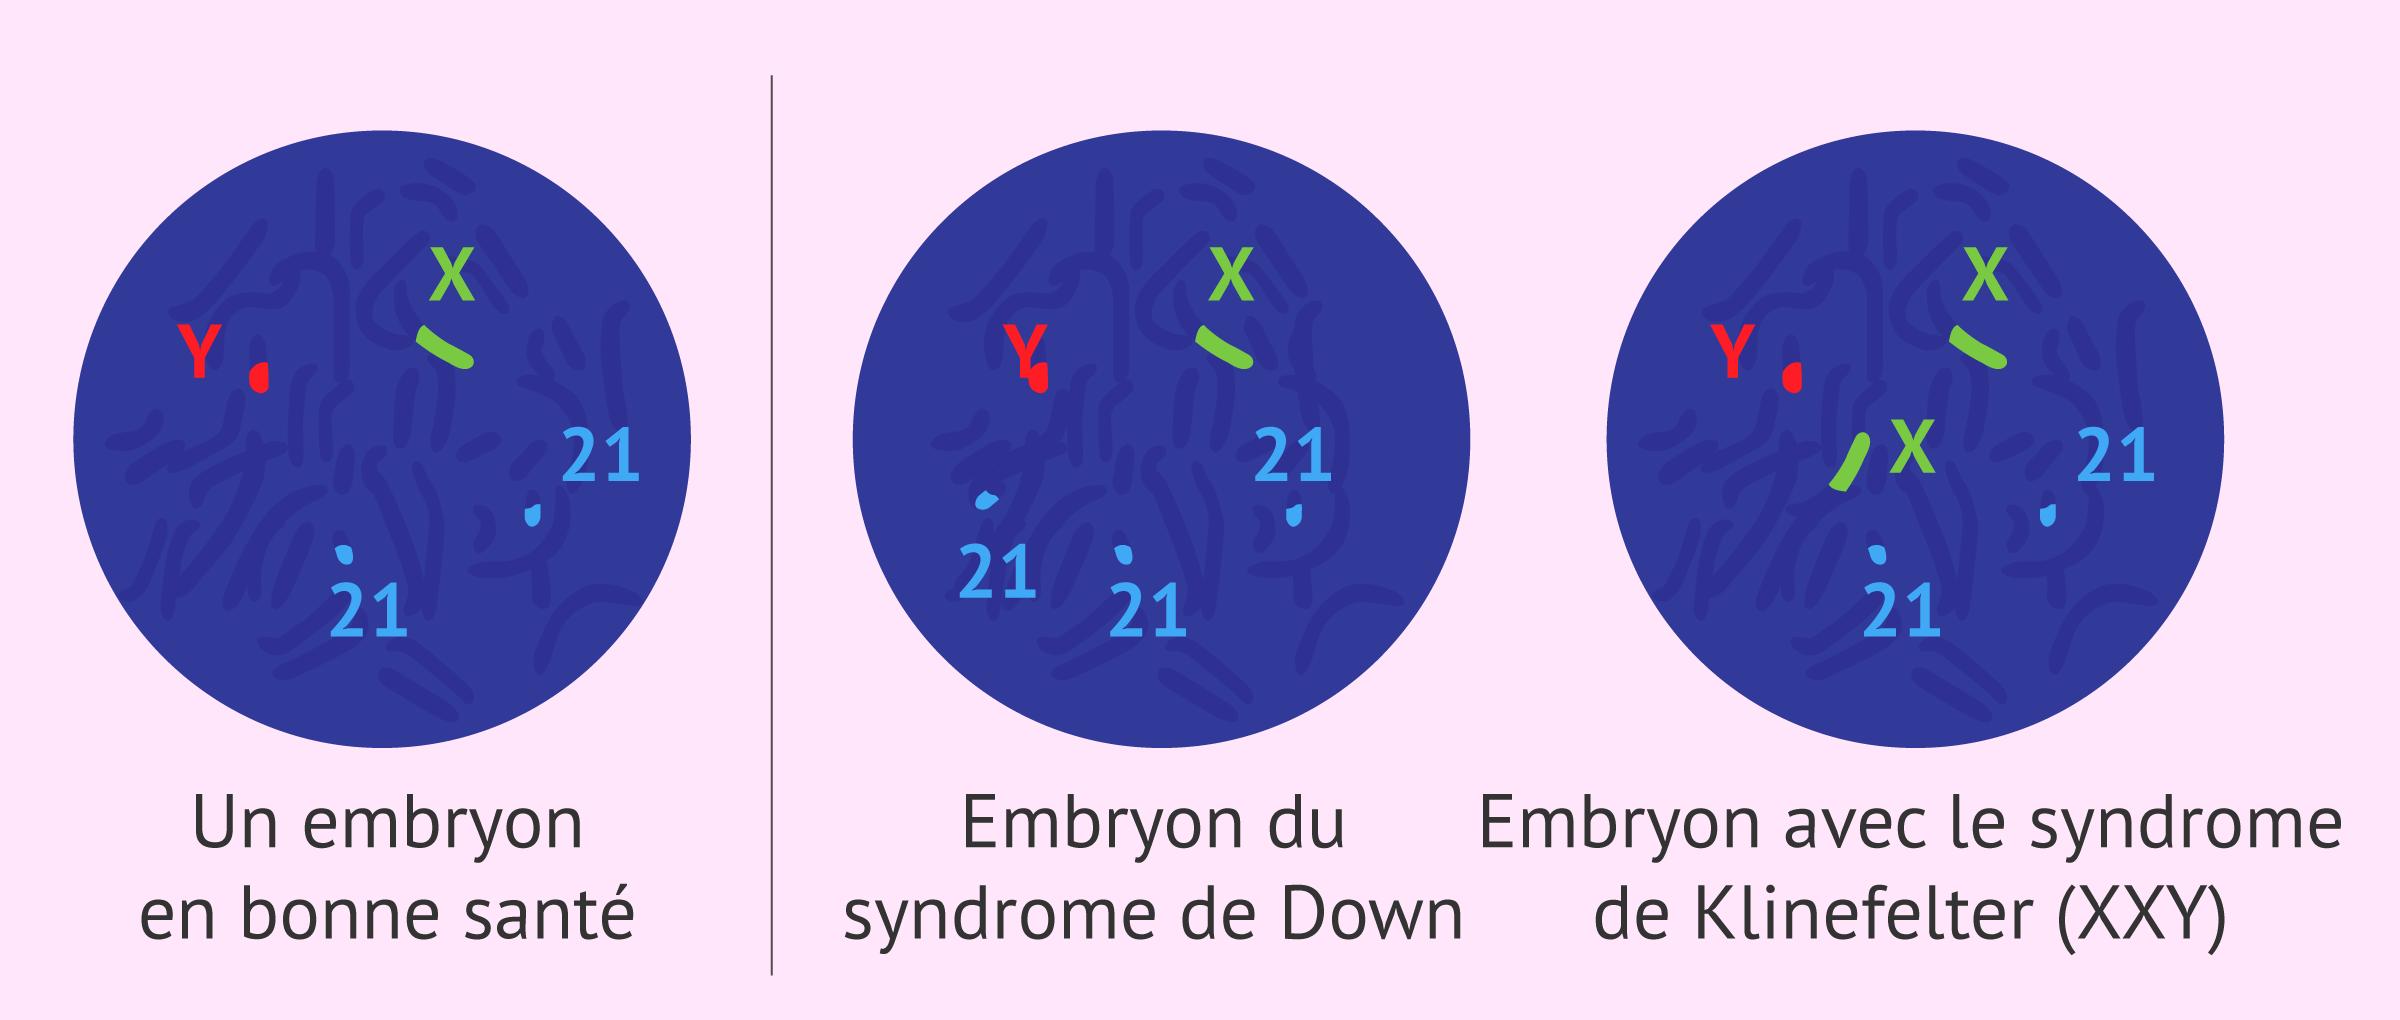 Analyse chromosomique FISH